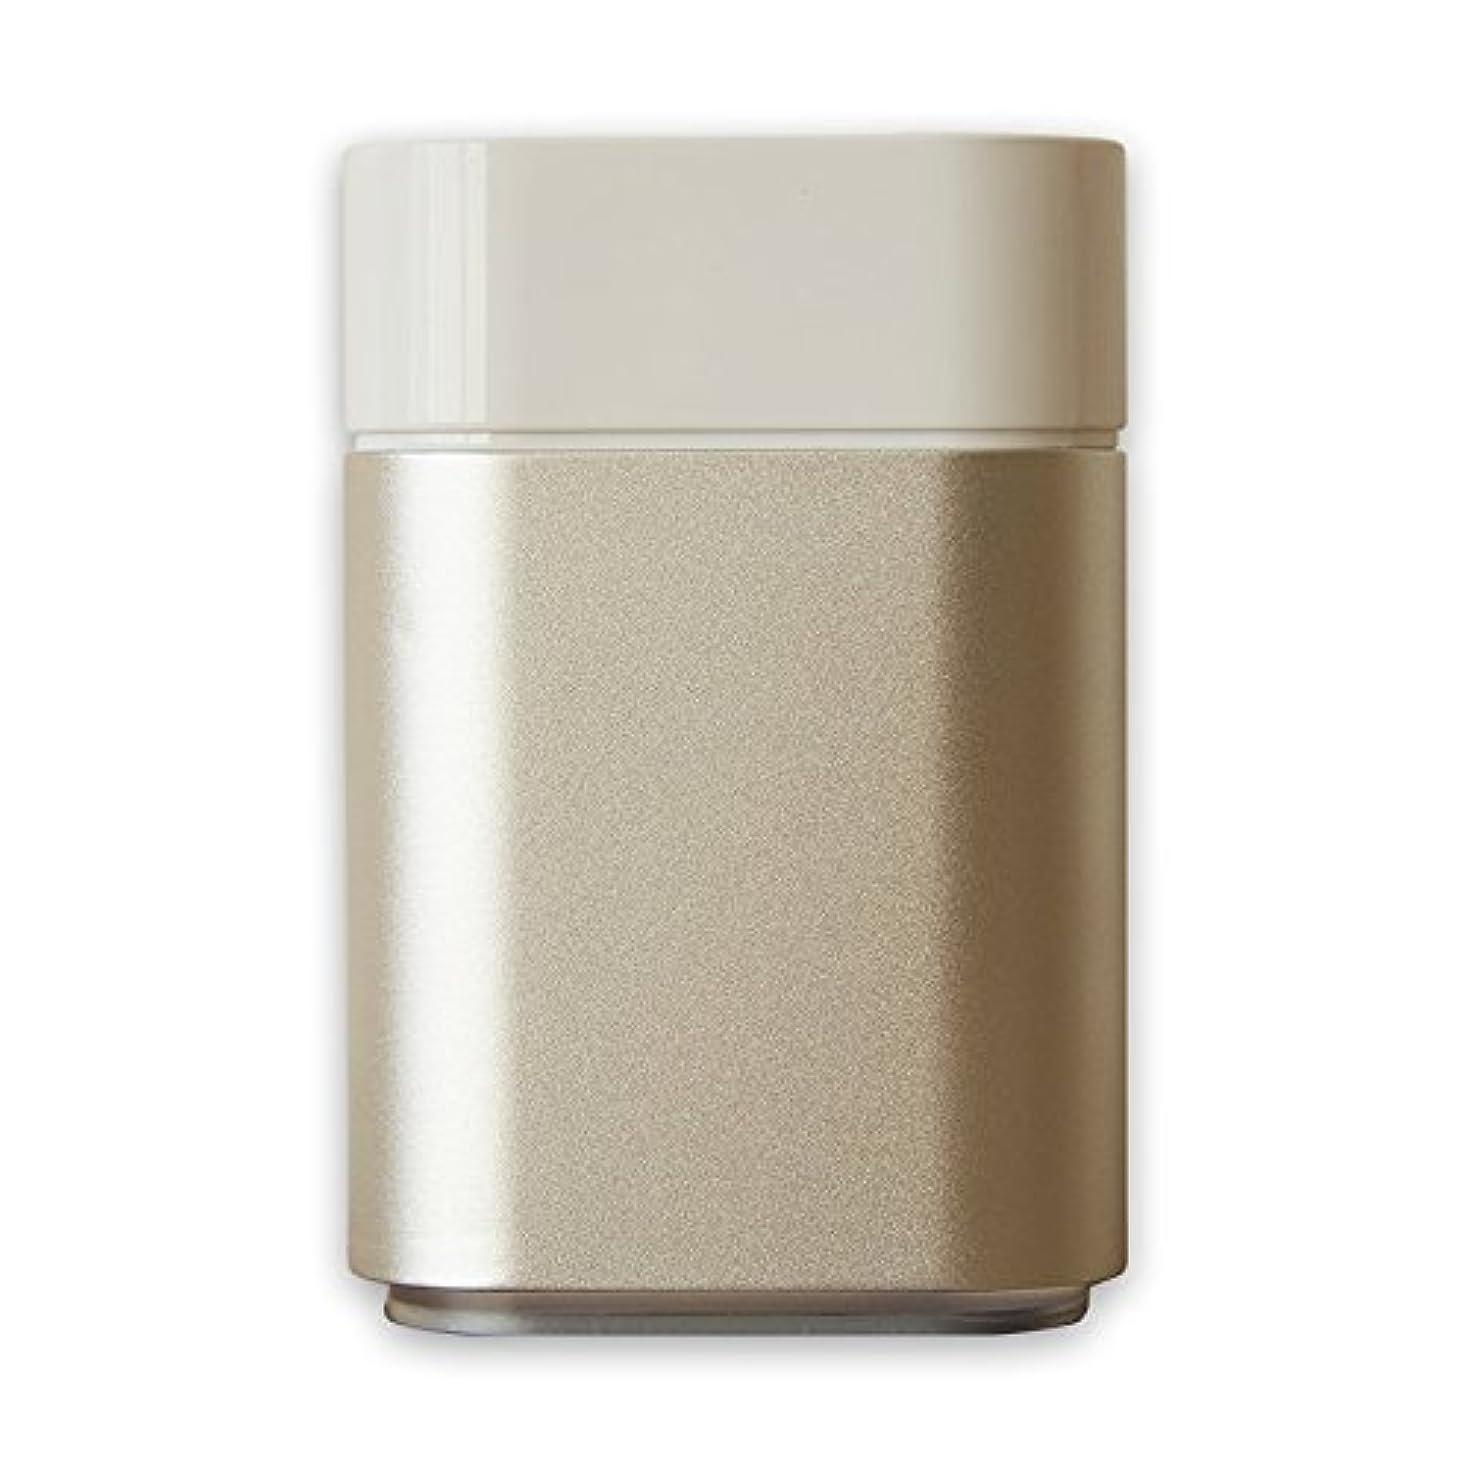 憤る不平を言う要件アロマディフューザー UR-AROMA04 卓上 小型 Uruon(ウルオン)水を使わない アロマ ネブライザー式 水なし ダイレクトオイル 製油瓶直噴式 超音波式 USB 卓上 油性 水性 静音 アロマオイル